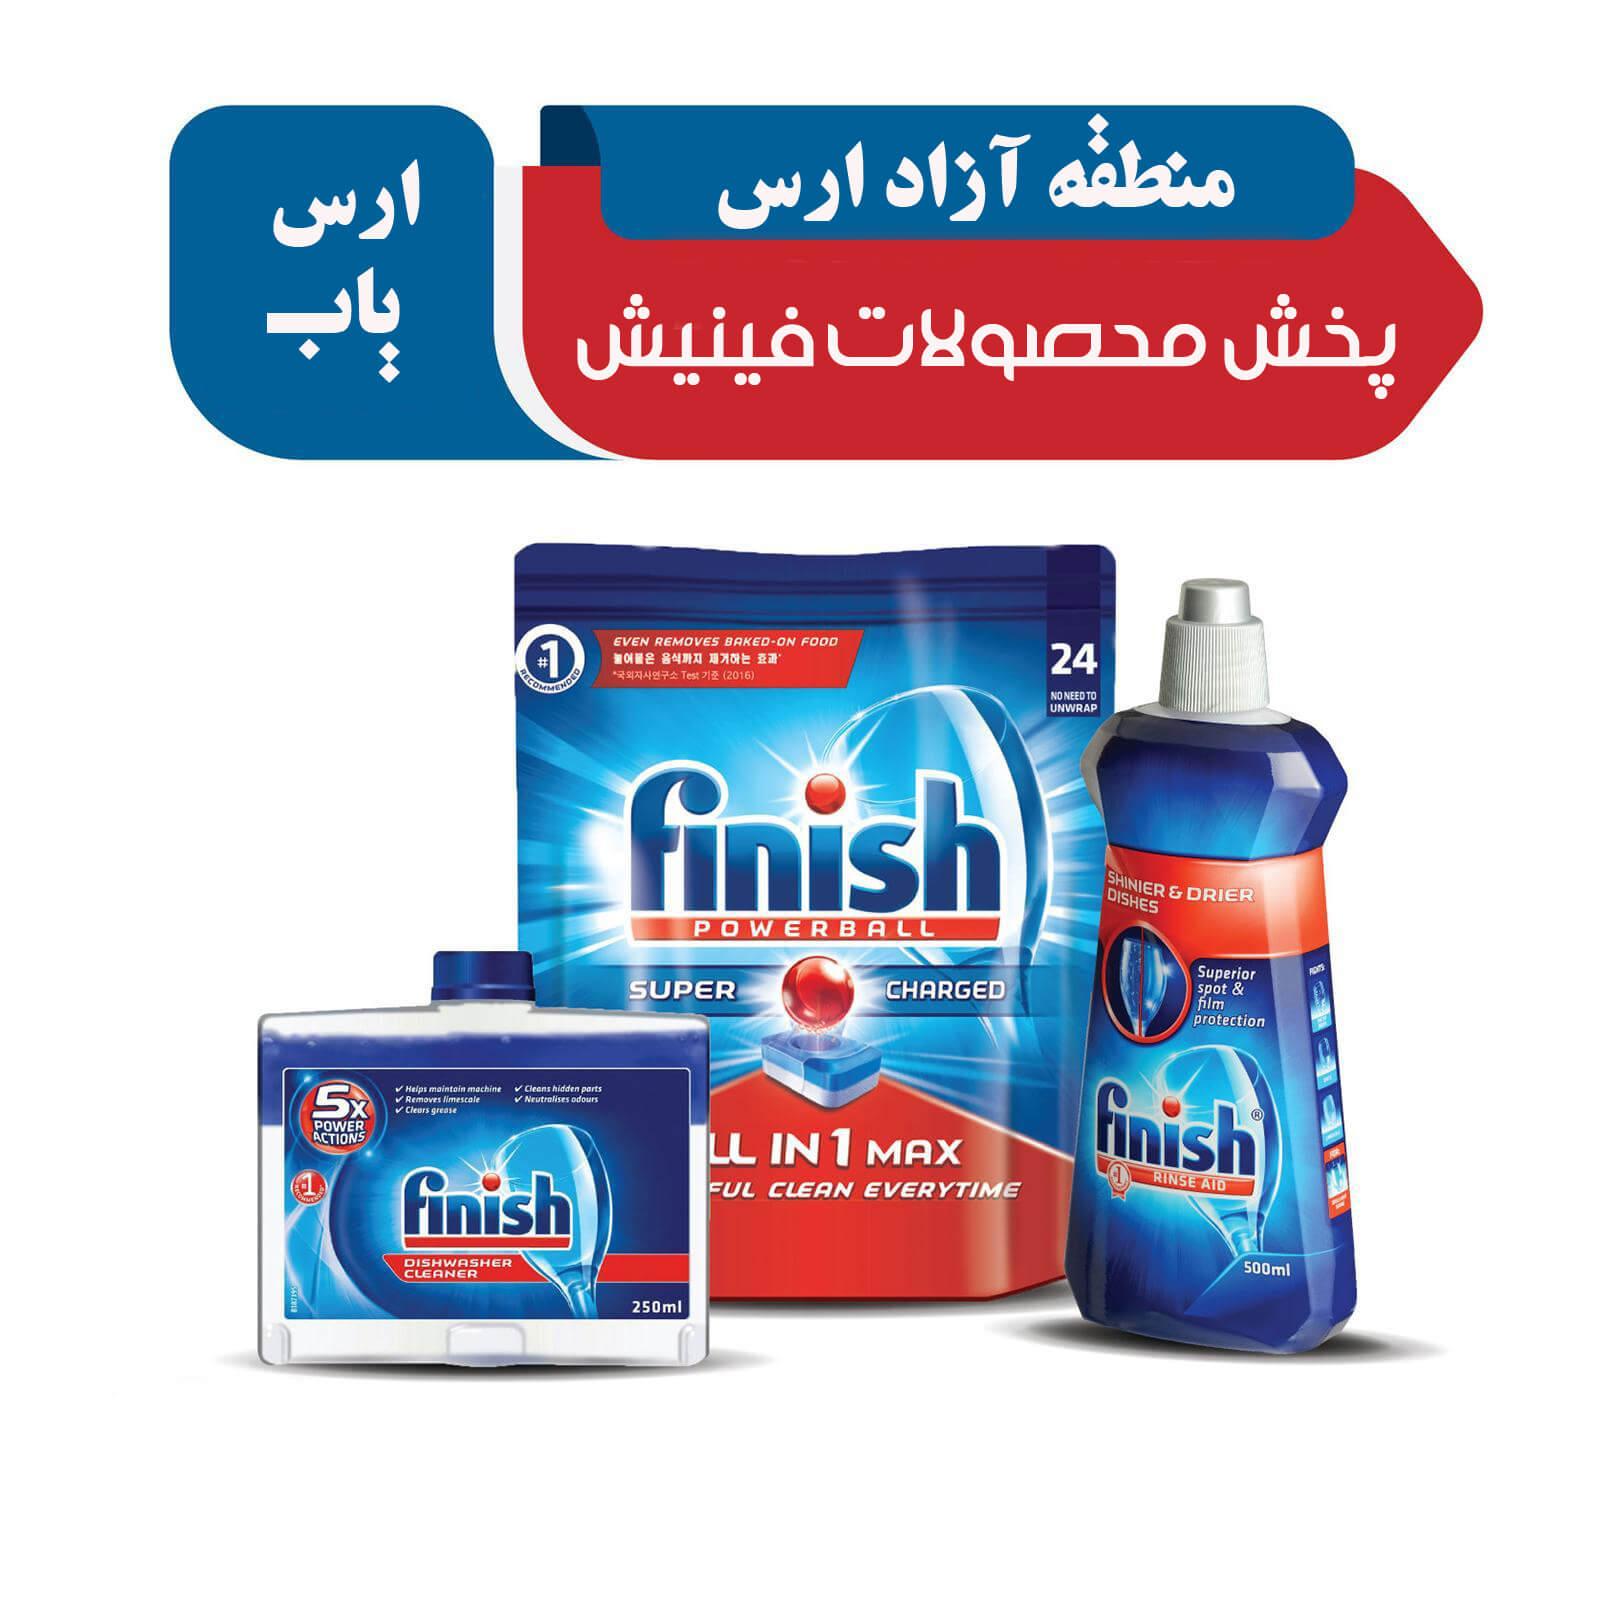 خرید محصولات فینیش ترکیه ارزان